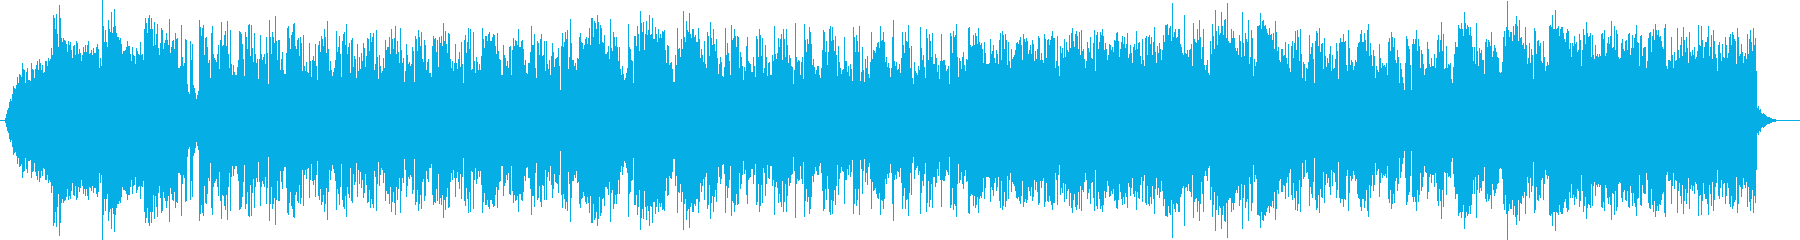 ミステリアスでダークなシンセサウンドの再生済みの波形